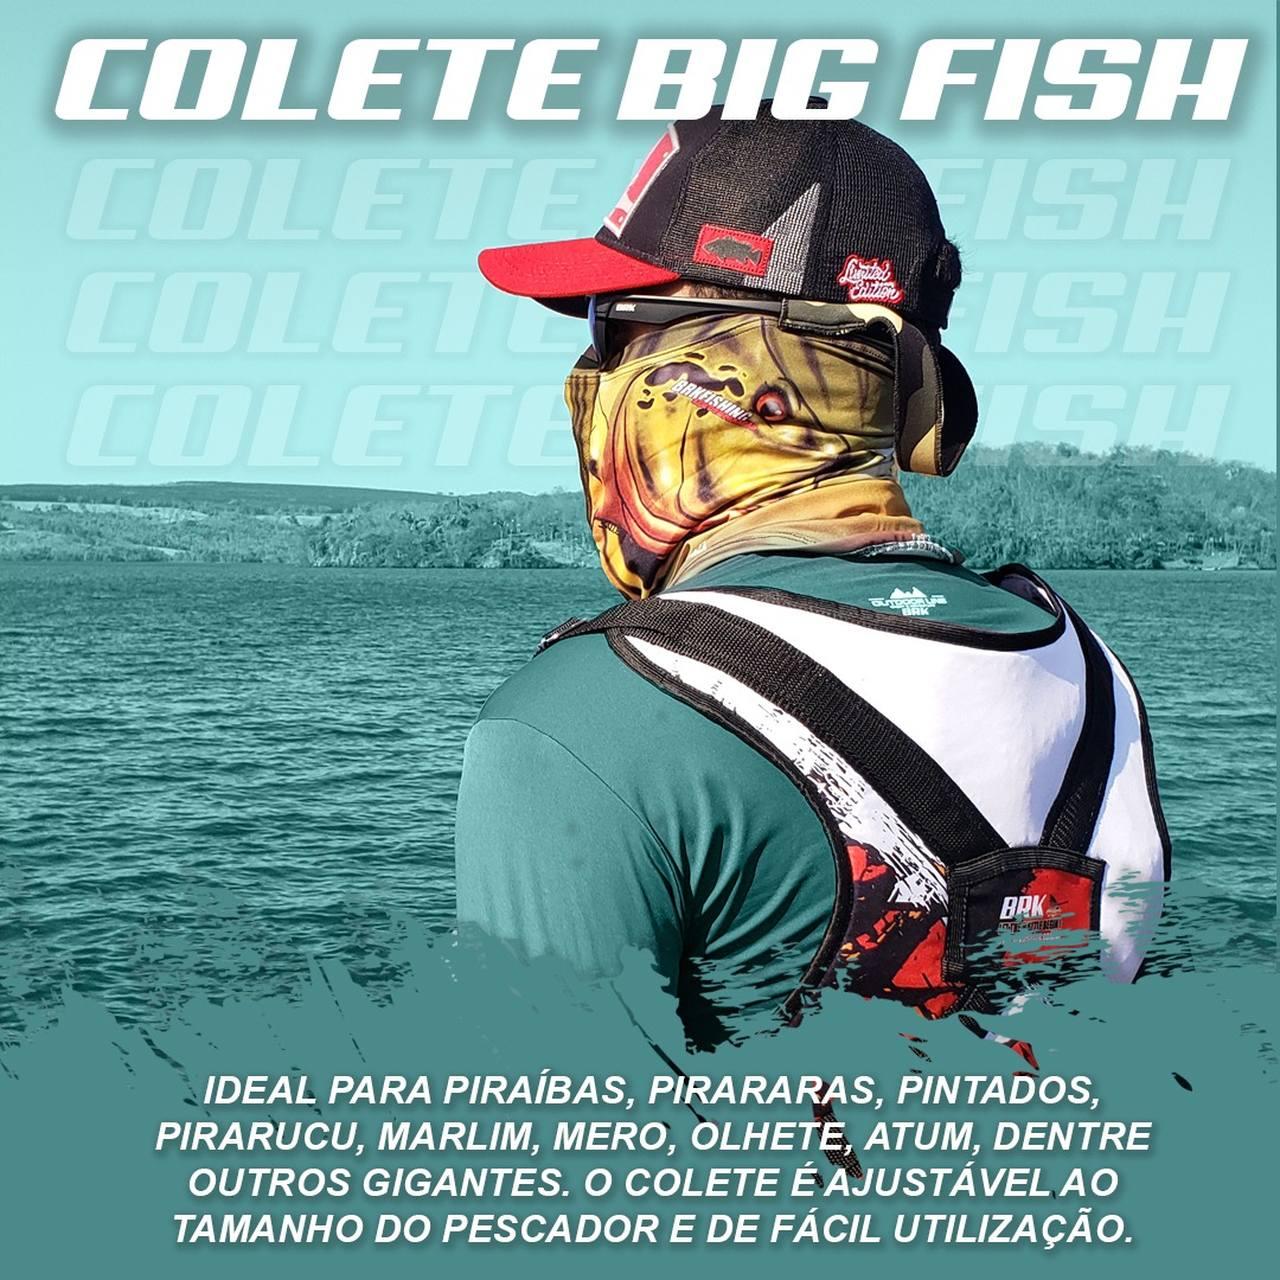 Colete para Carretilha para Pesca Pesada Brk Big Fish Sea Fishing